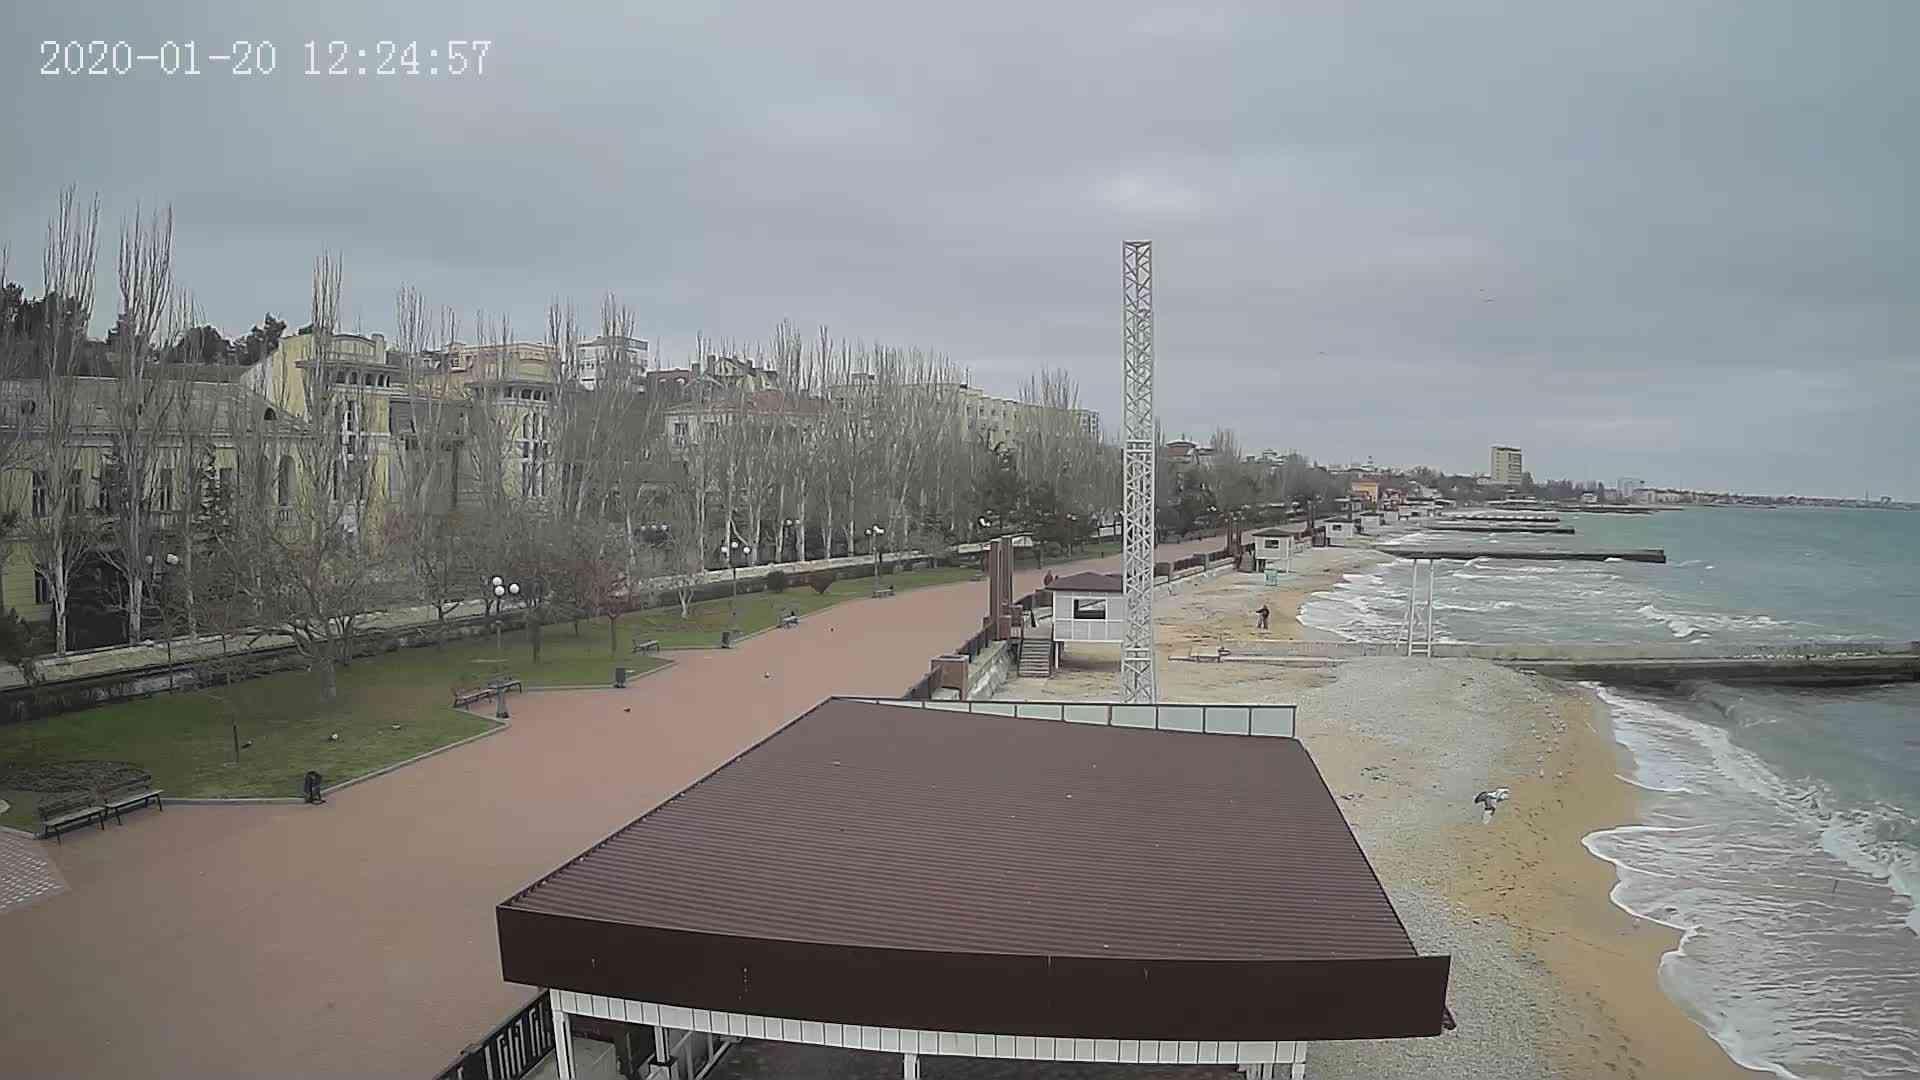 Веб-камеры Феодосии, Пляж Камешки, 2020-01-20 12:25:22